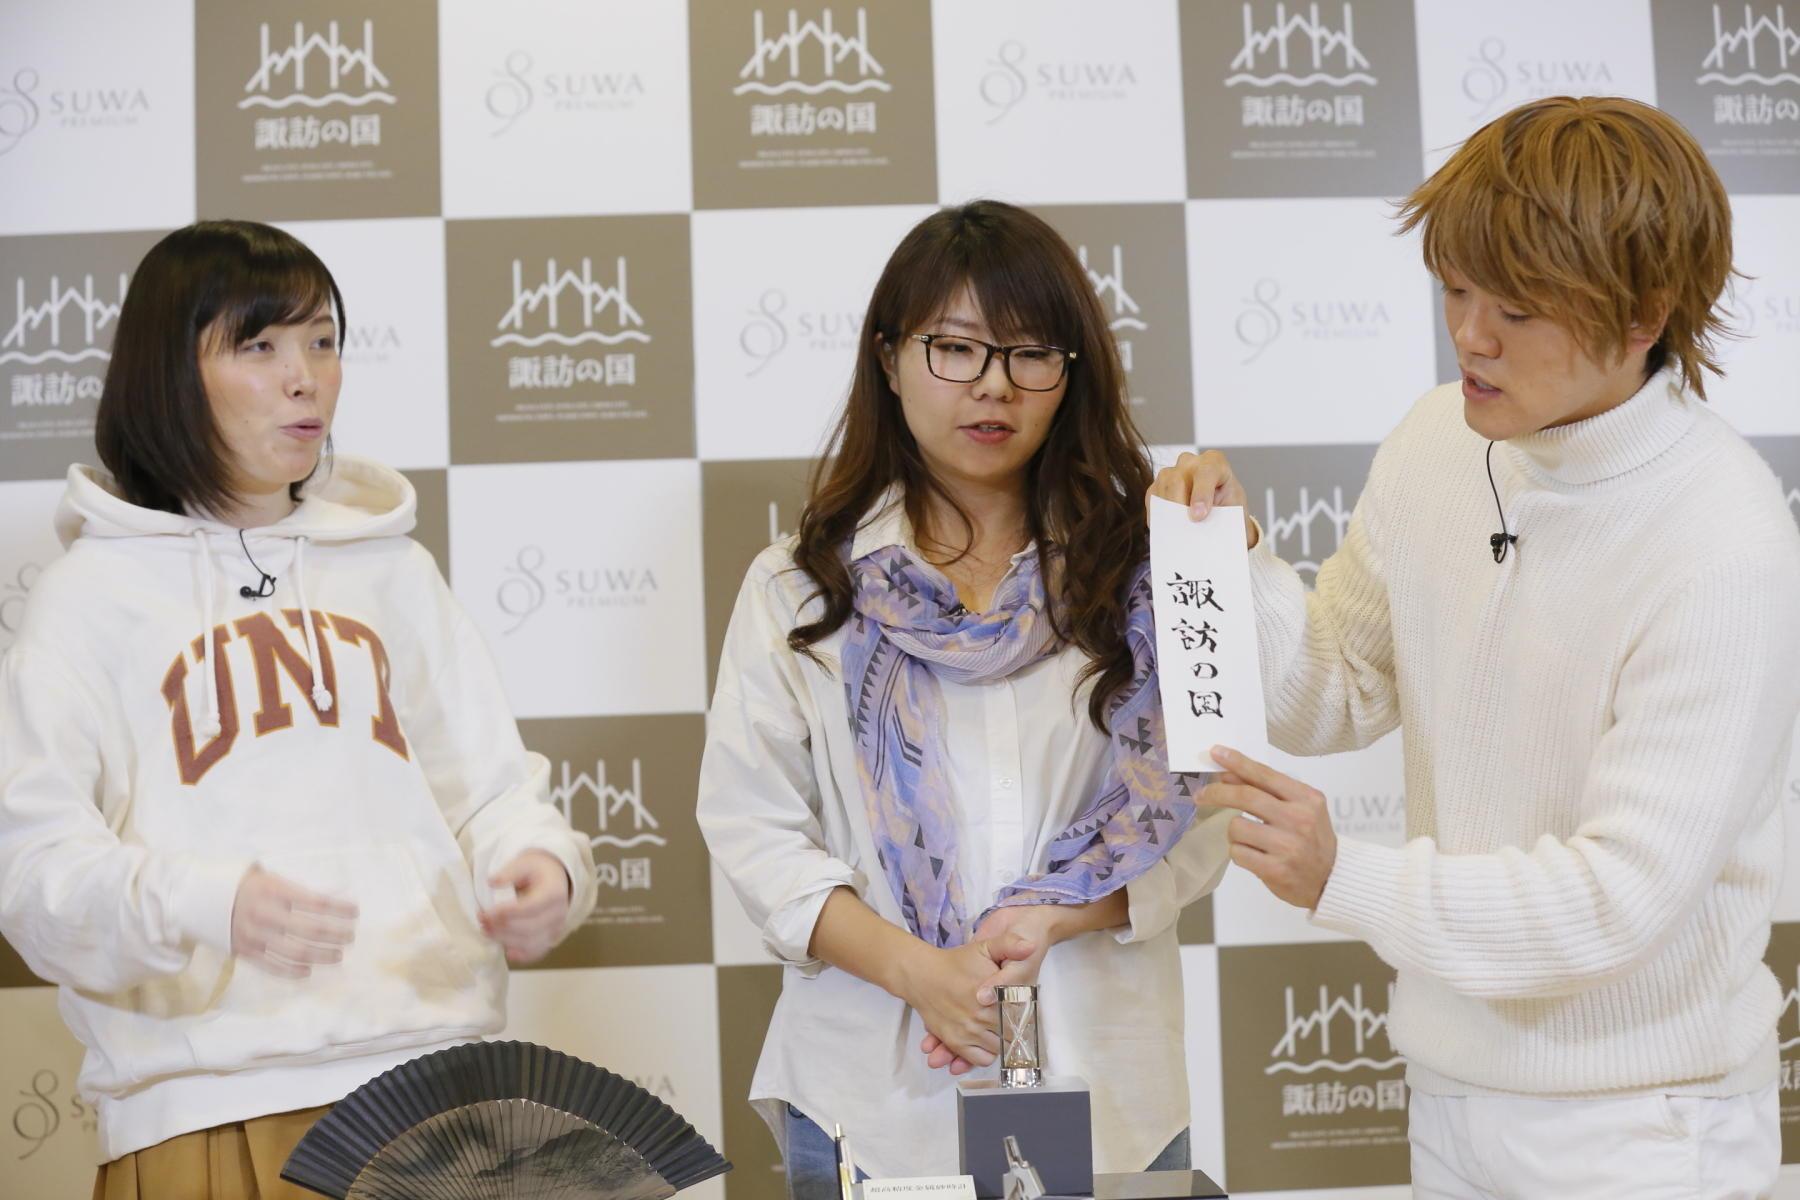 http://news.yoshimoto.co.jp/20171108161608-be421c39c4247fc097c75436e9b411213e6dec33.jpg